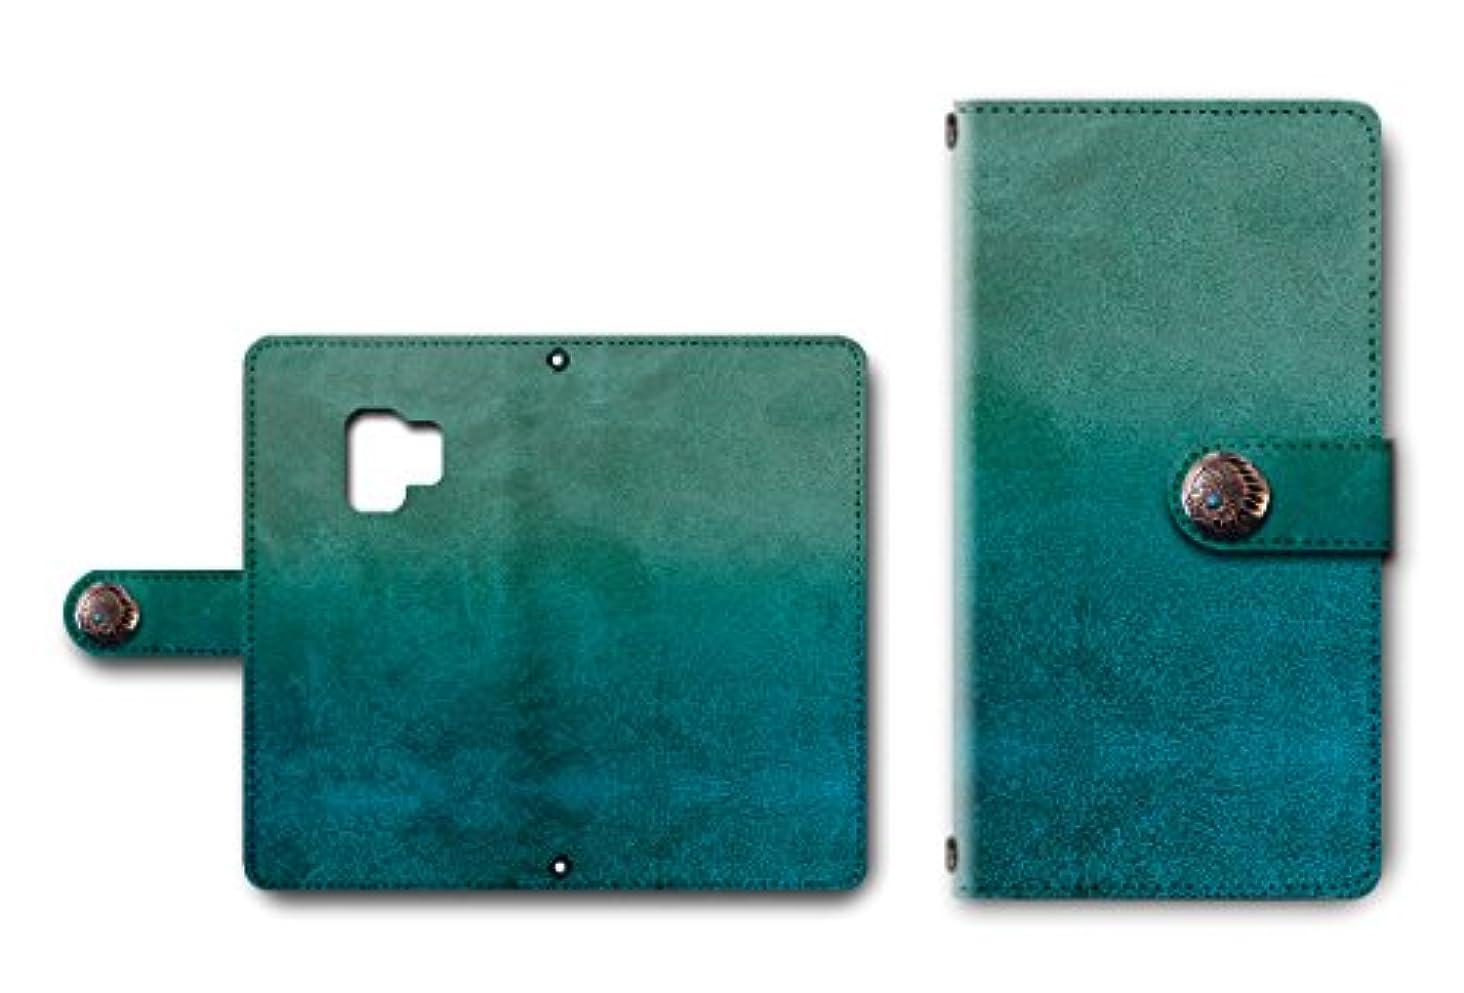 夜証明書ビルGalaxy S9 対応 手帳型 カメラ穴搭載 ダイアリー レザー製 グランジ柄 コンチョ付き スマホケース 【デザインE】 ギャラクシー